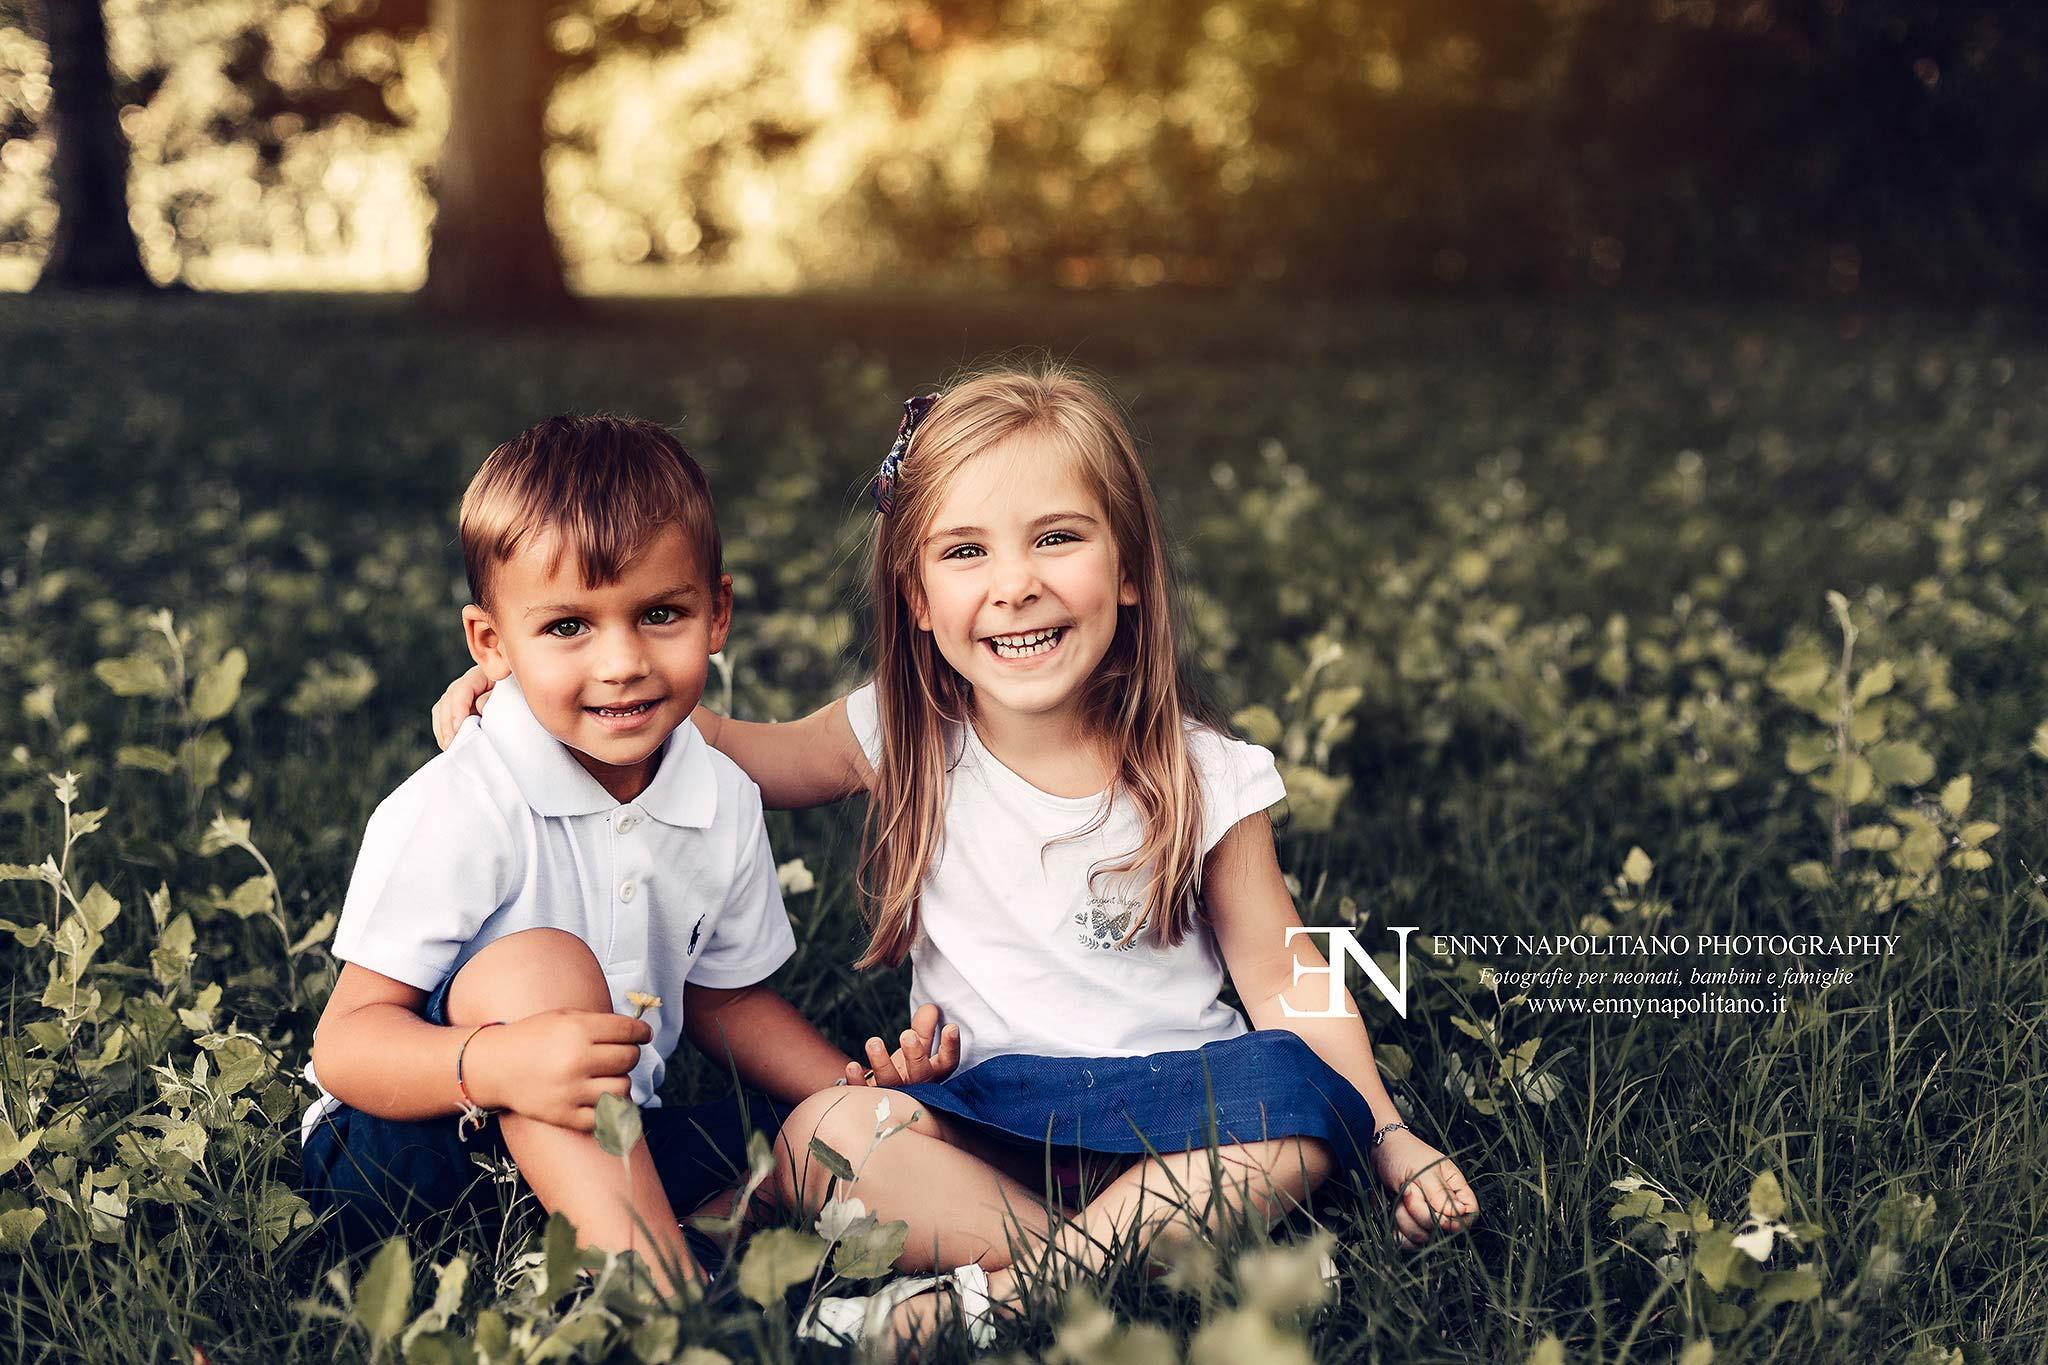 Fotografia in esterna bambini famiglie Milano